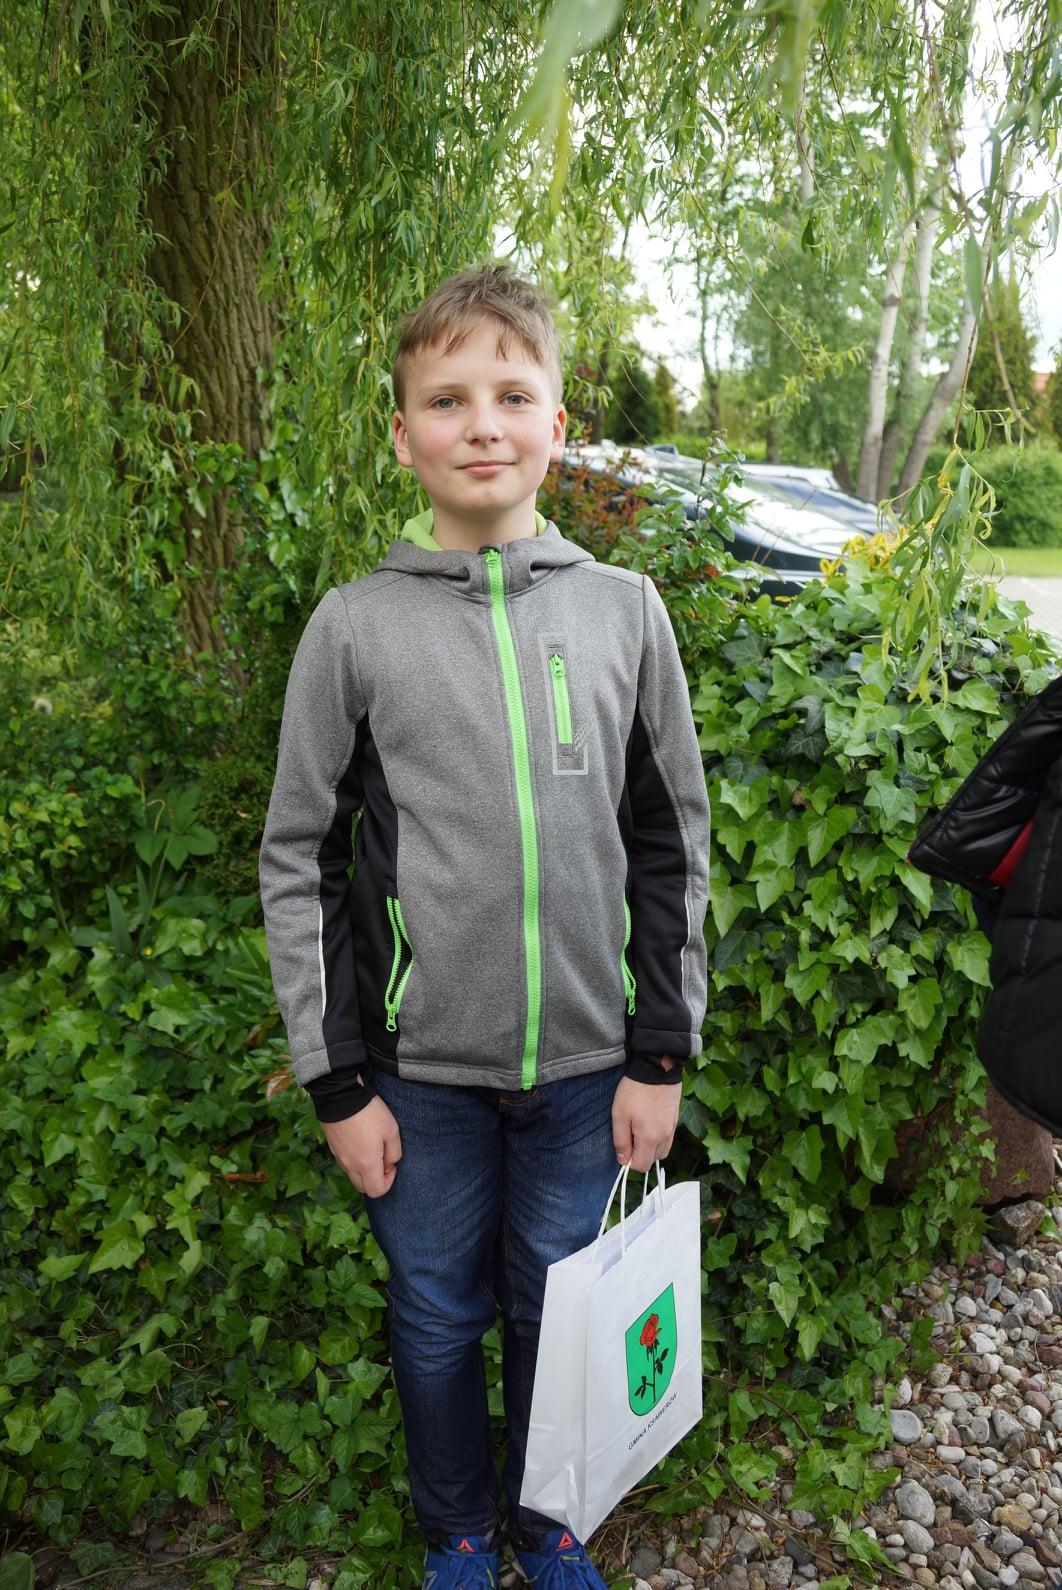 chłopiec w szarej bluzie z papierową torbą z logo gminy Ksawerów w tle drzewa